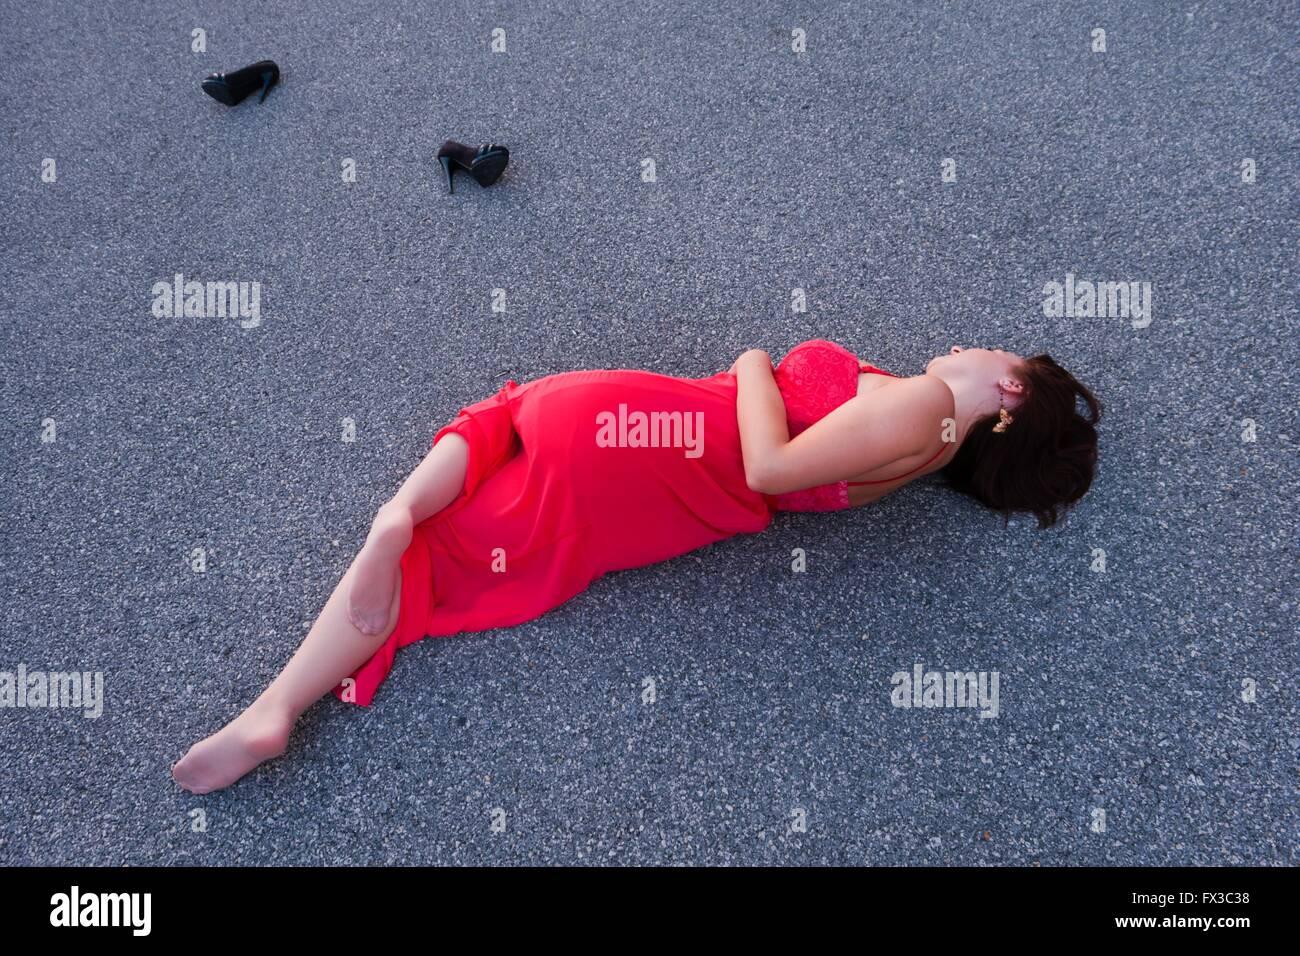 Auf Straße Getrennt Schuhe Liegend In Langen Roten Kleid Junge Frau